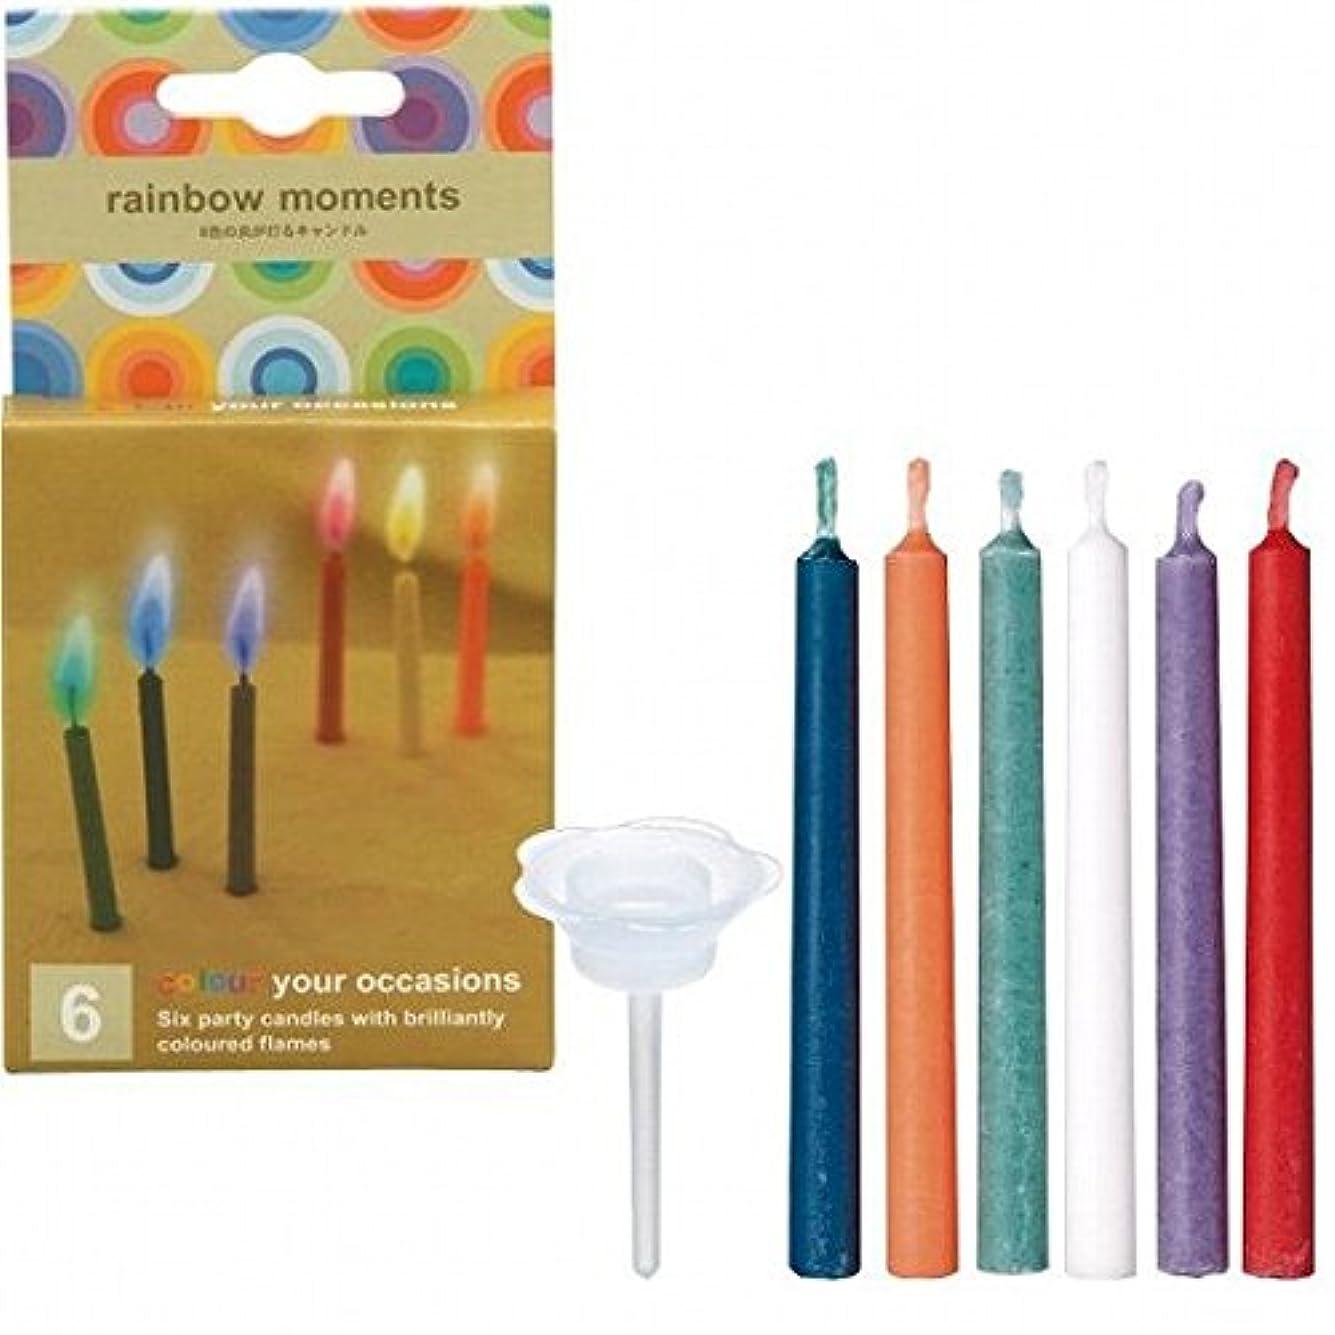 スポーツの試合を担当している人探検思いやりのあるkameyama candle(カメヤマキャンドル) rainbowmoments(レインボーモーメント)6色6本入り 「 6本入り 」 キャンドル(56050000)